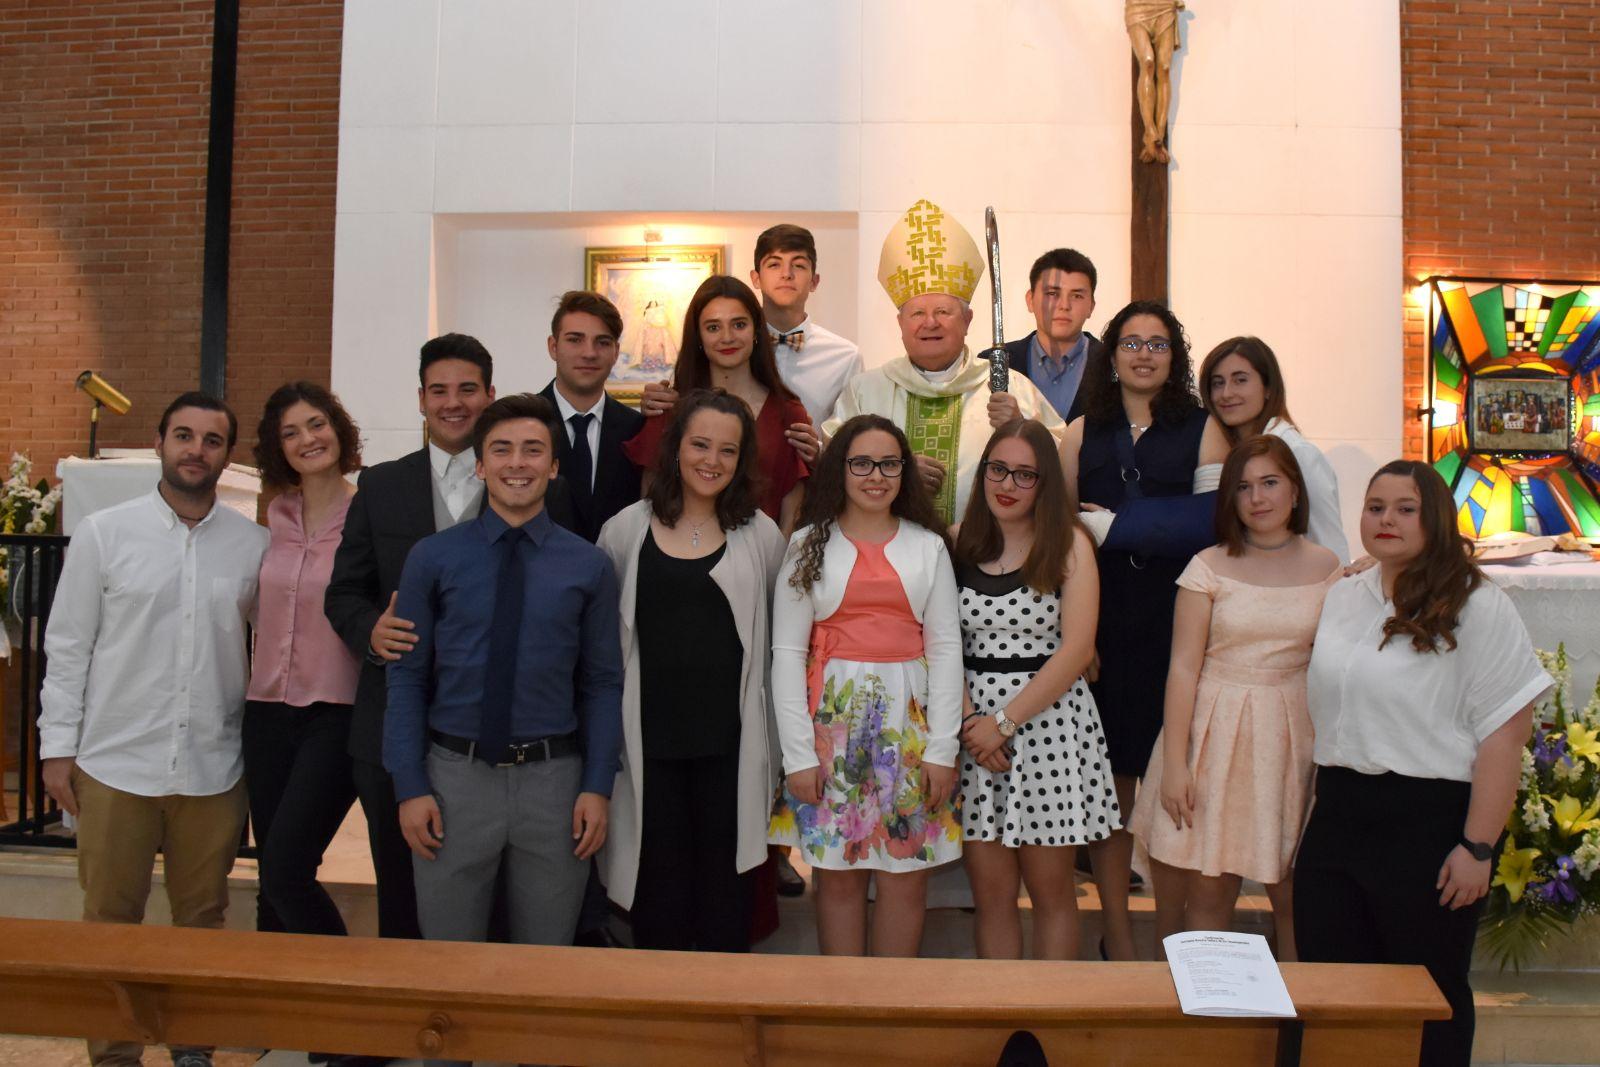 13 alumnos de la Escuela reciben el sacramento de la Confirmación